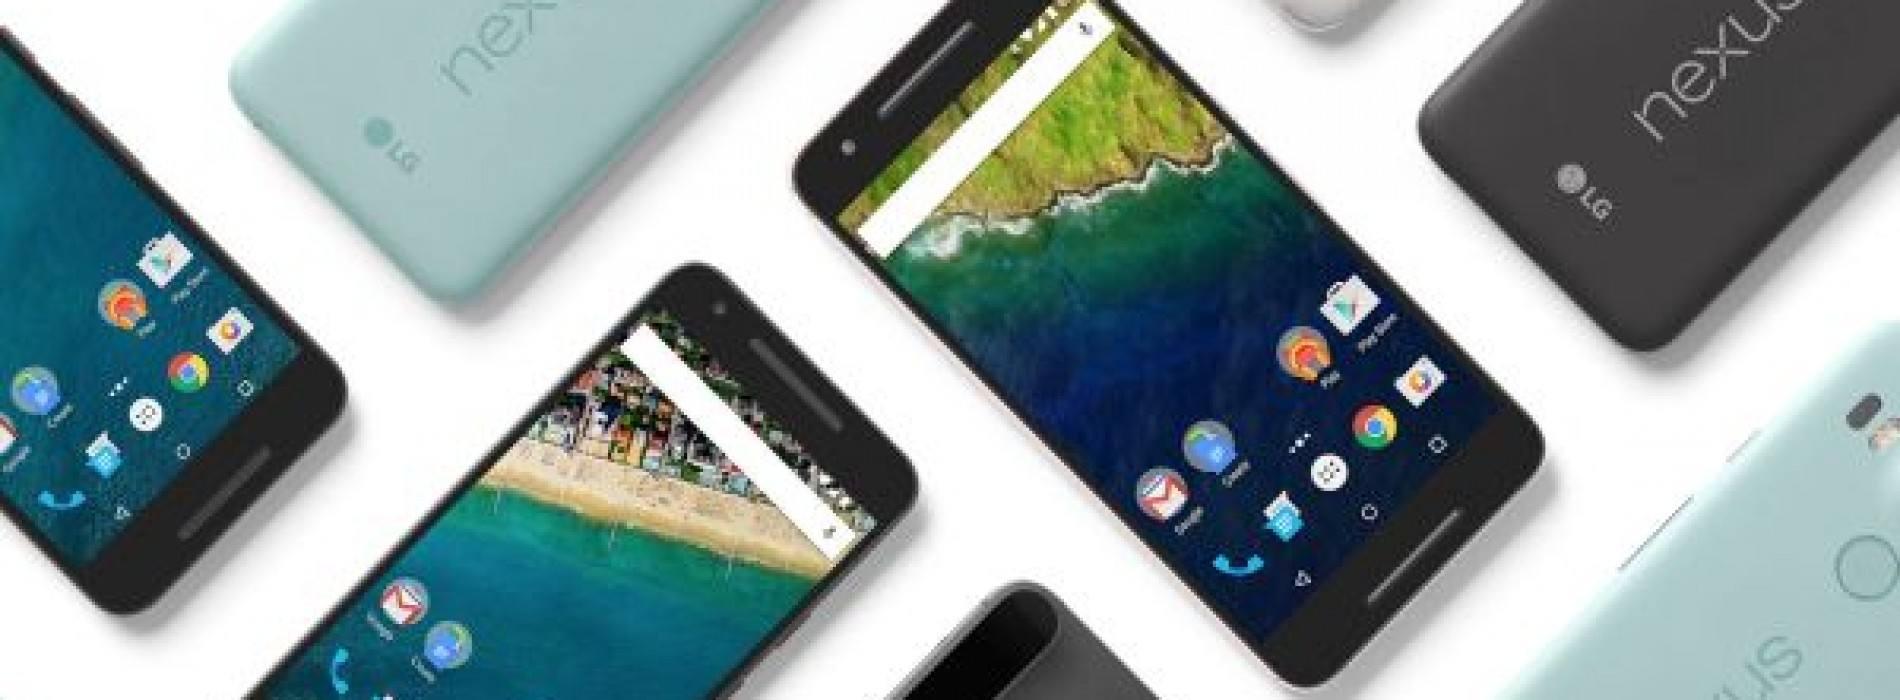 Huawei Nexus 6P el buque insignia de Huawei